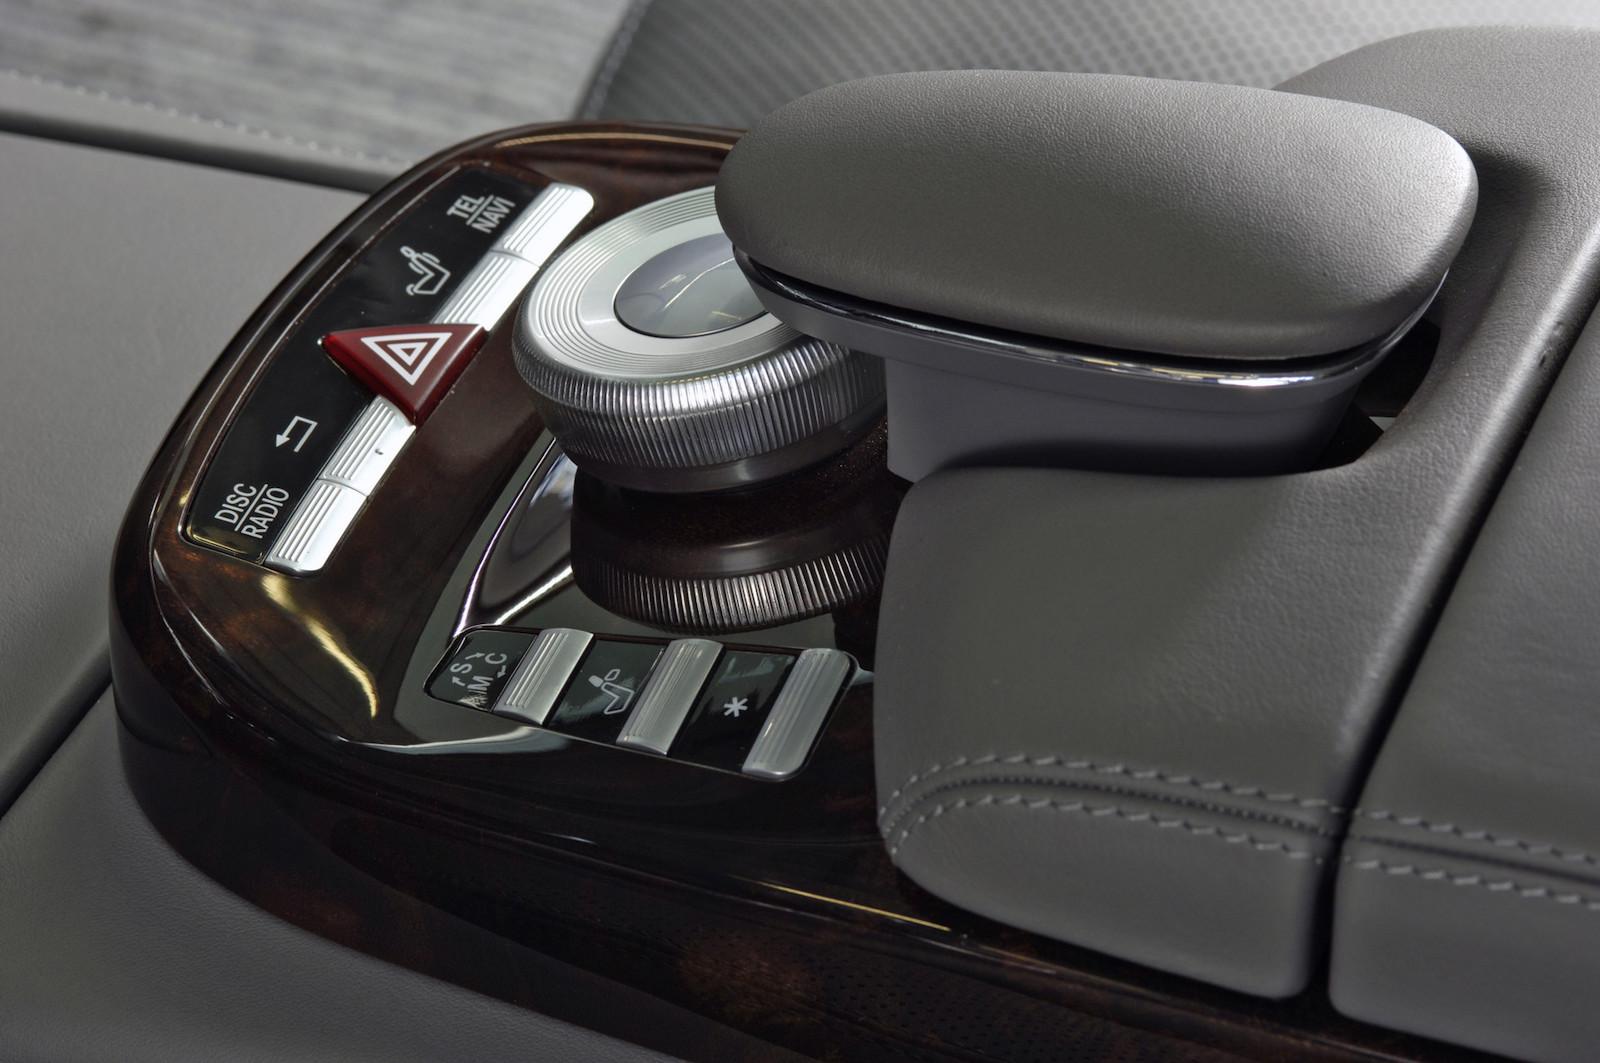 2003-Mercedes-Benz_COMAND_controller-1